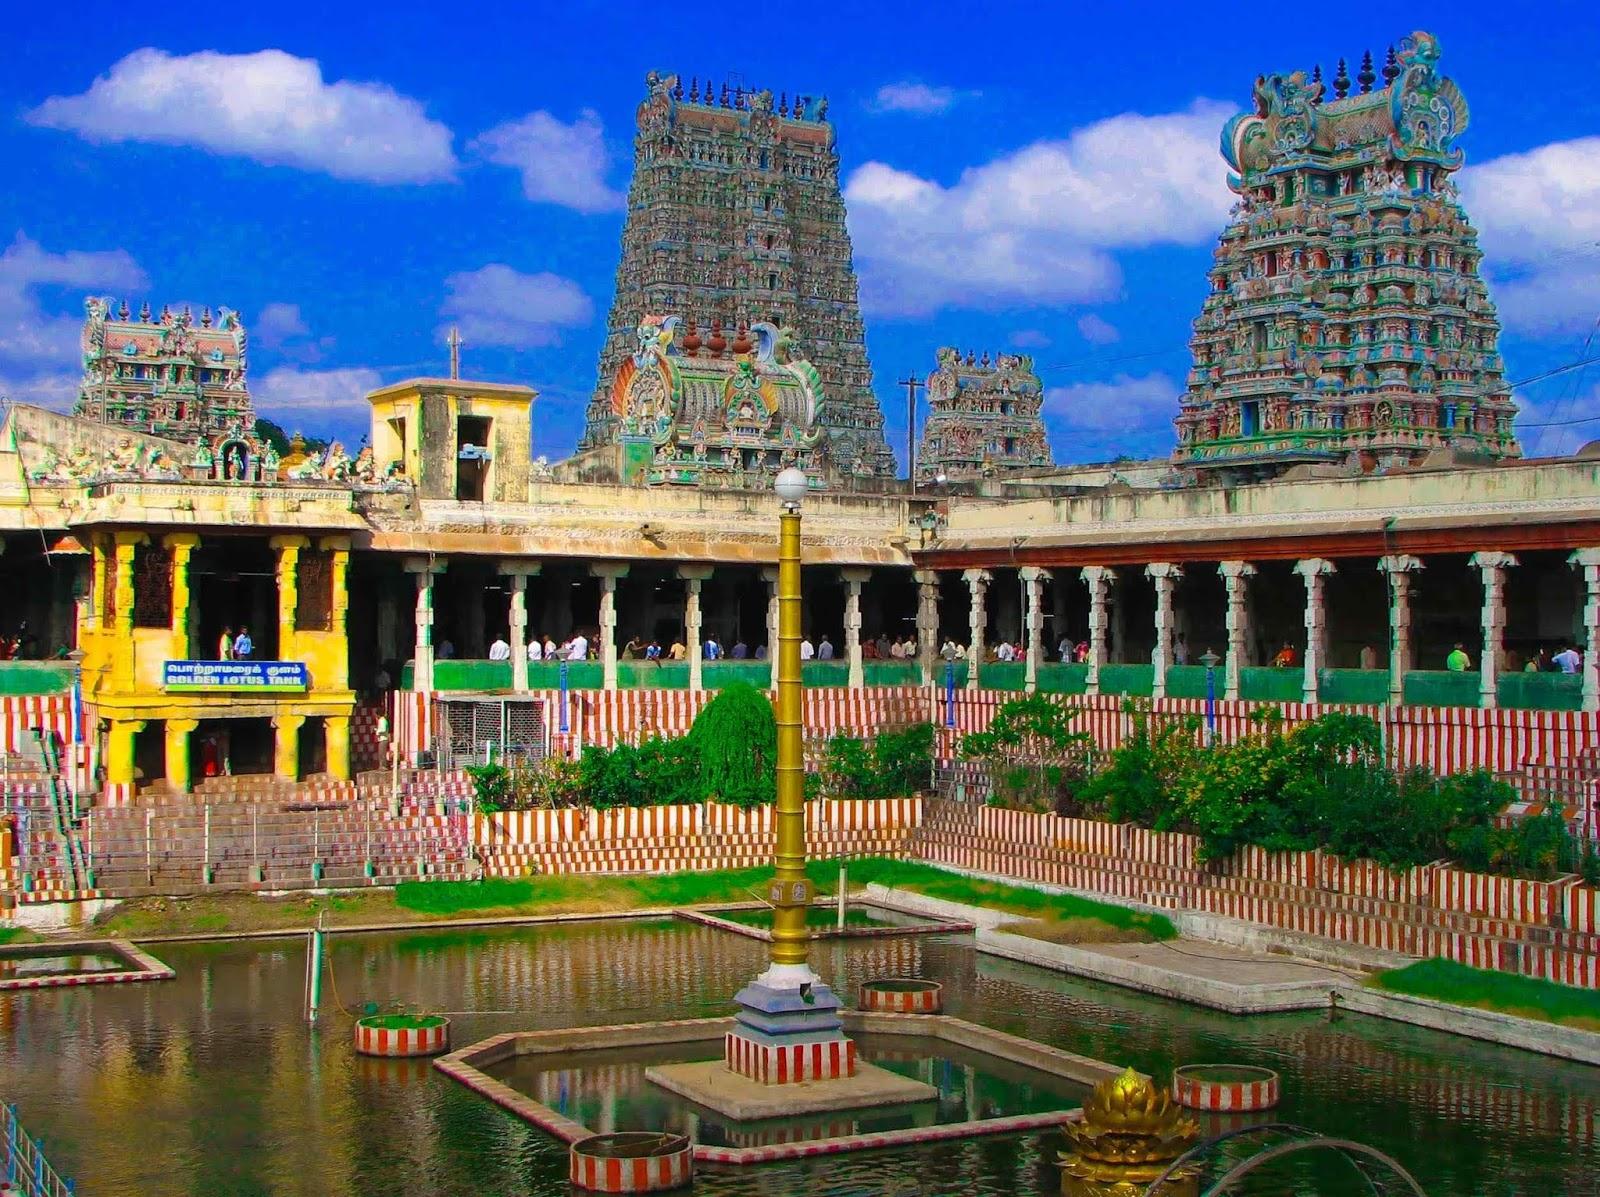 మధుర మీనాక్షి అమ్మన్ ఆలయం తమిళనాడు పూర్తి వివరాలు Madura Meenakshi Amman Temple Tamil Nadu Full Details